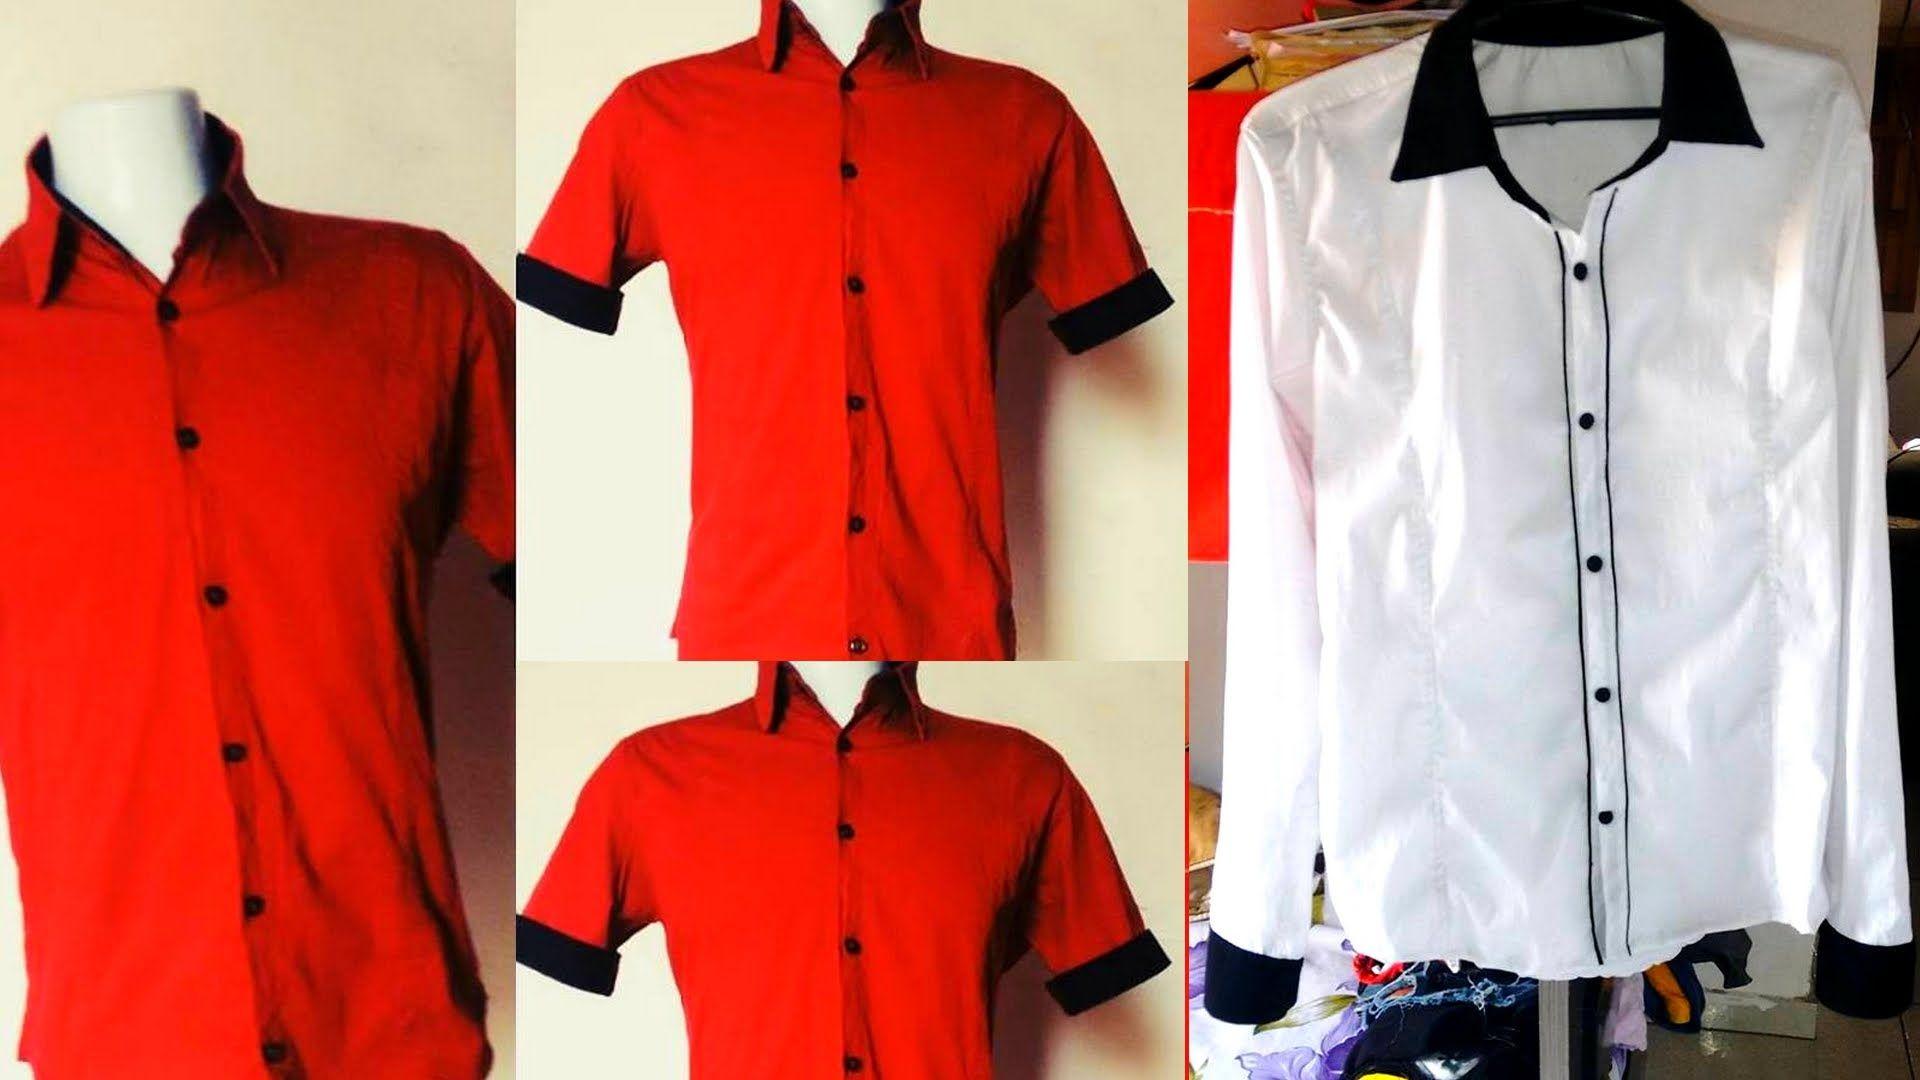 b007aad1bf9e2 Aprenda passo-a-passo: modelagem rápida de camisa social slim fit ...